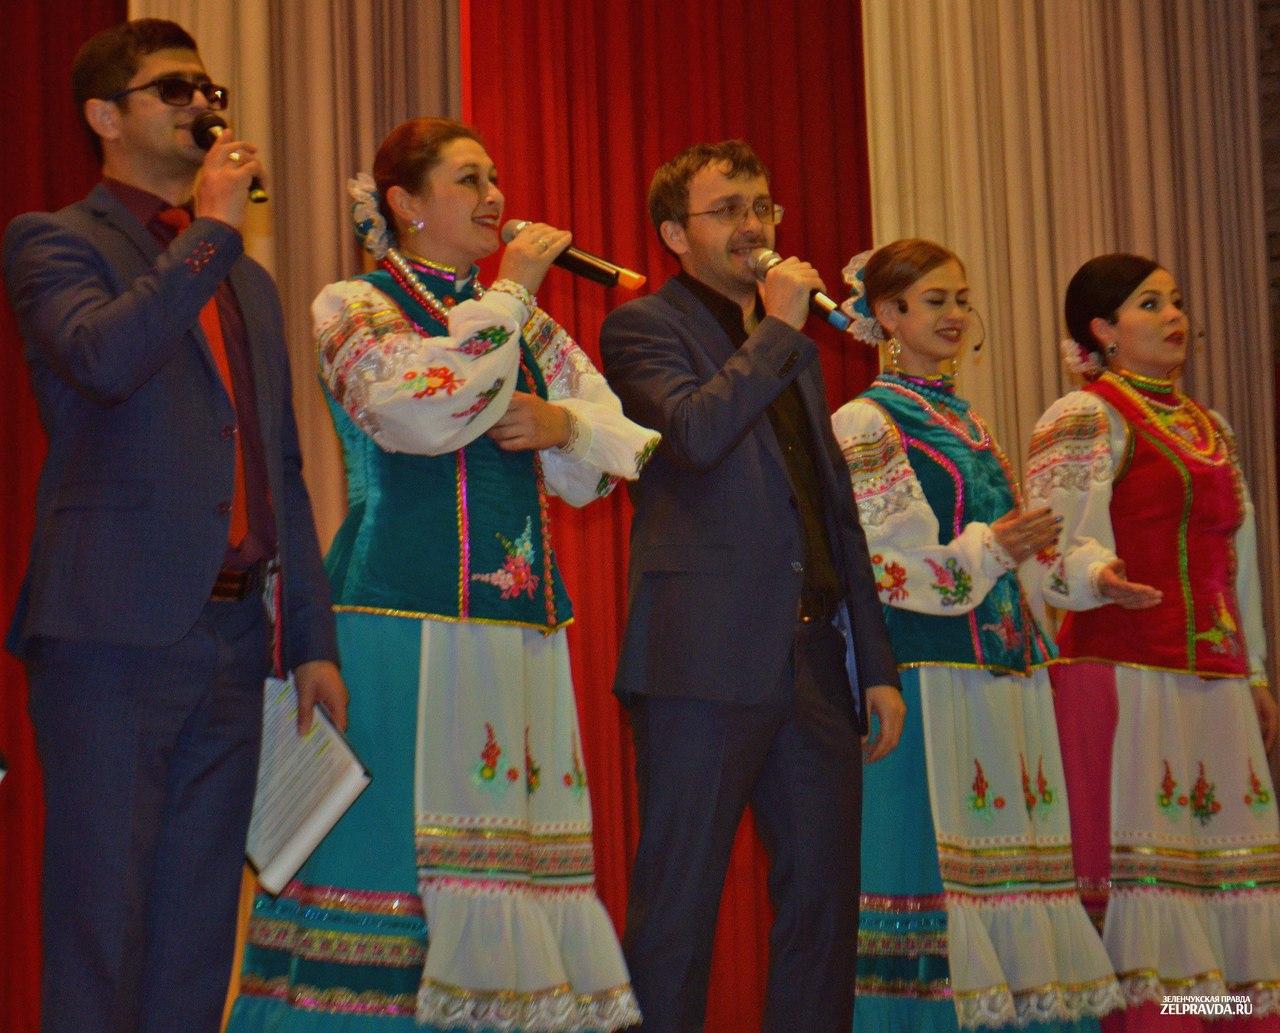 В РДК Зеленчукской состоялся большой отчетный концерт